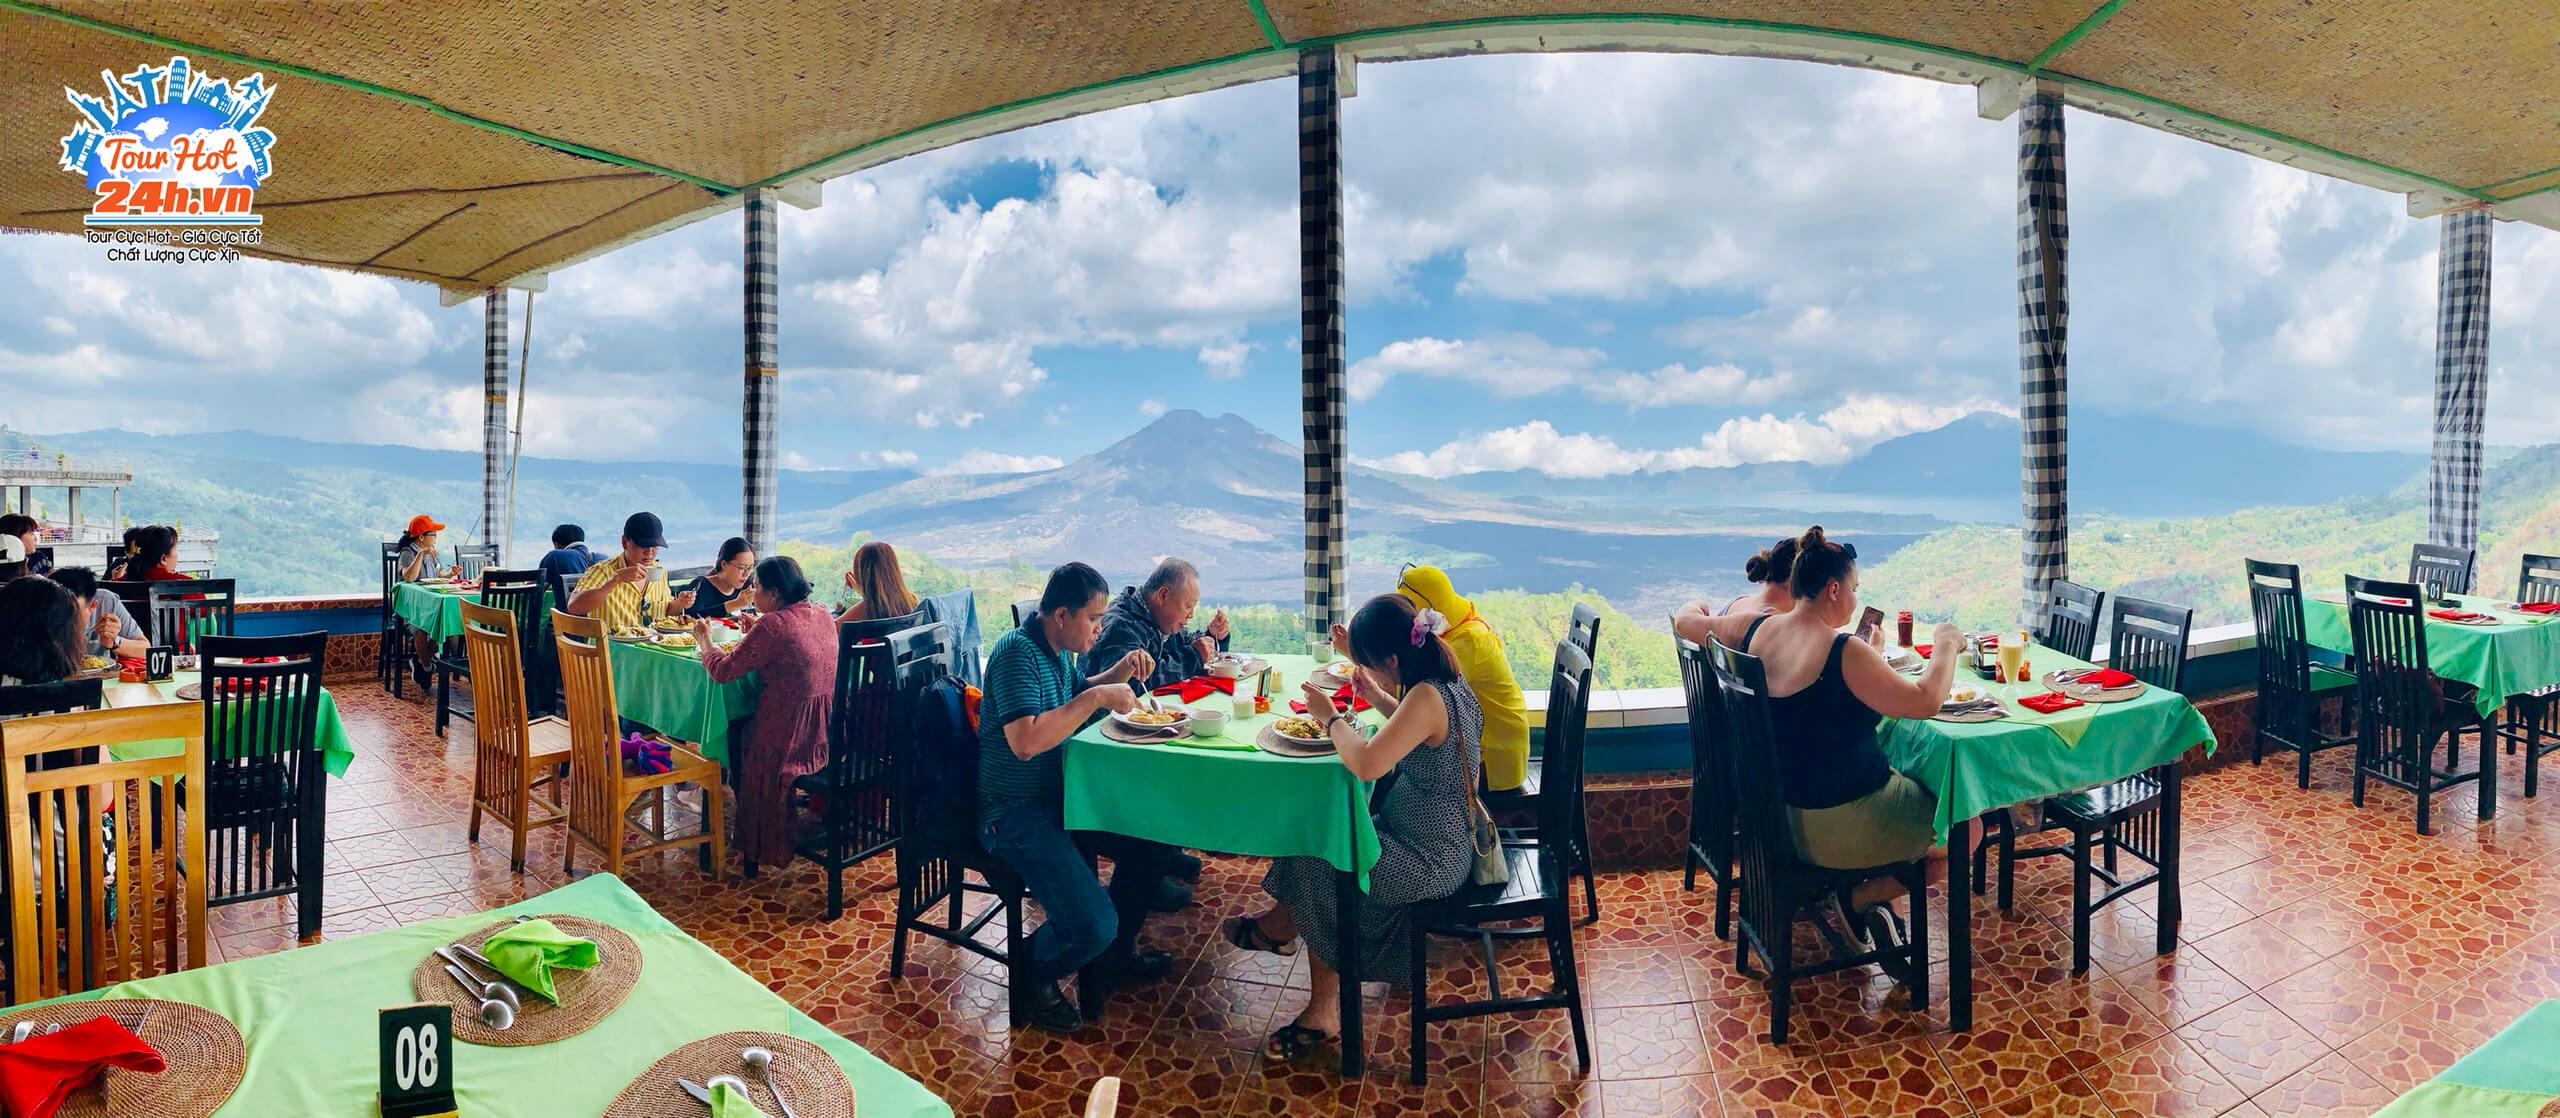 Đoàn tour du lịch Bali vừa ăn vừa ngắm cảnh núi cực lãng mạn ở Bali